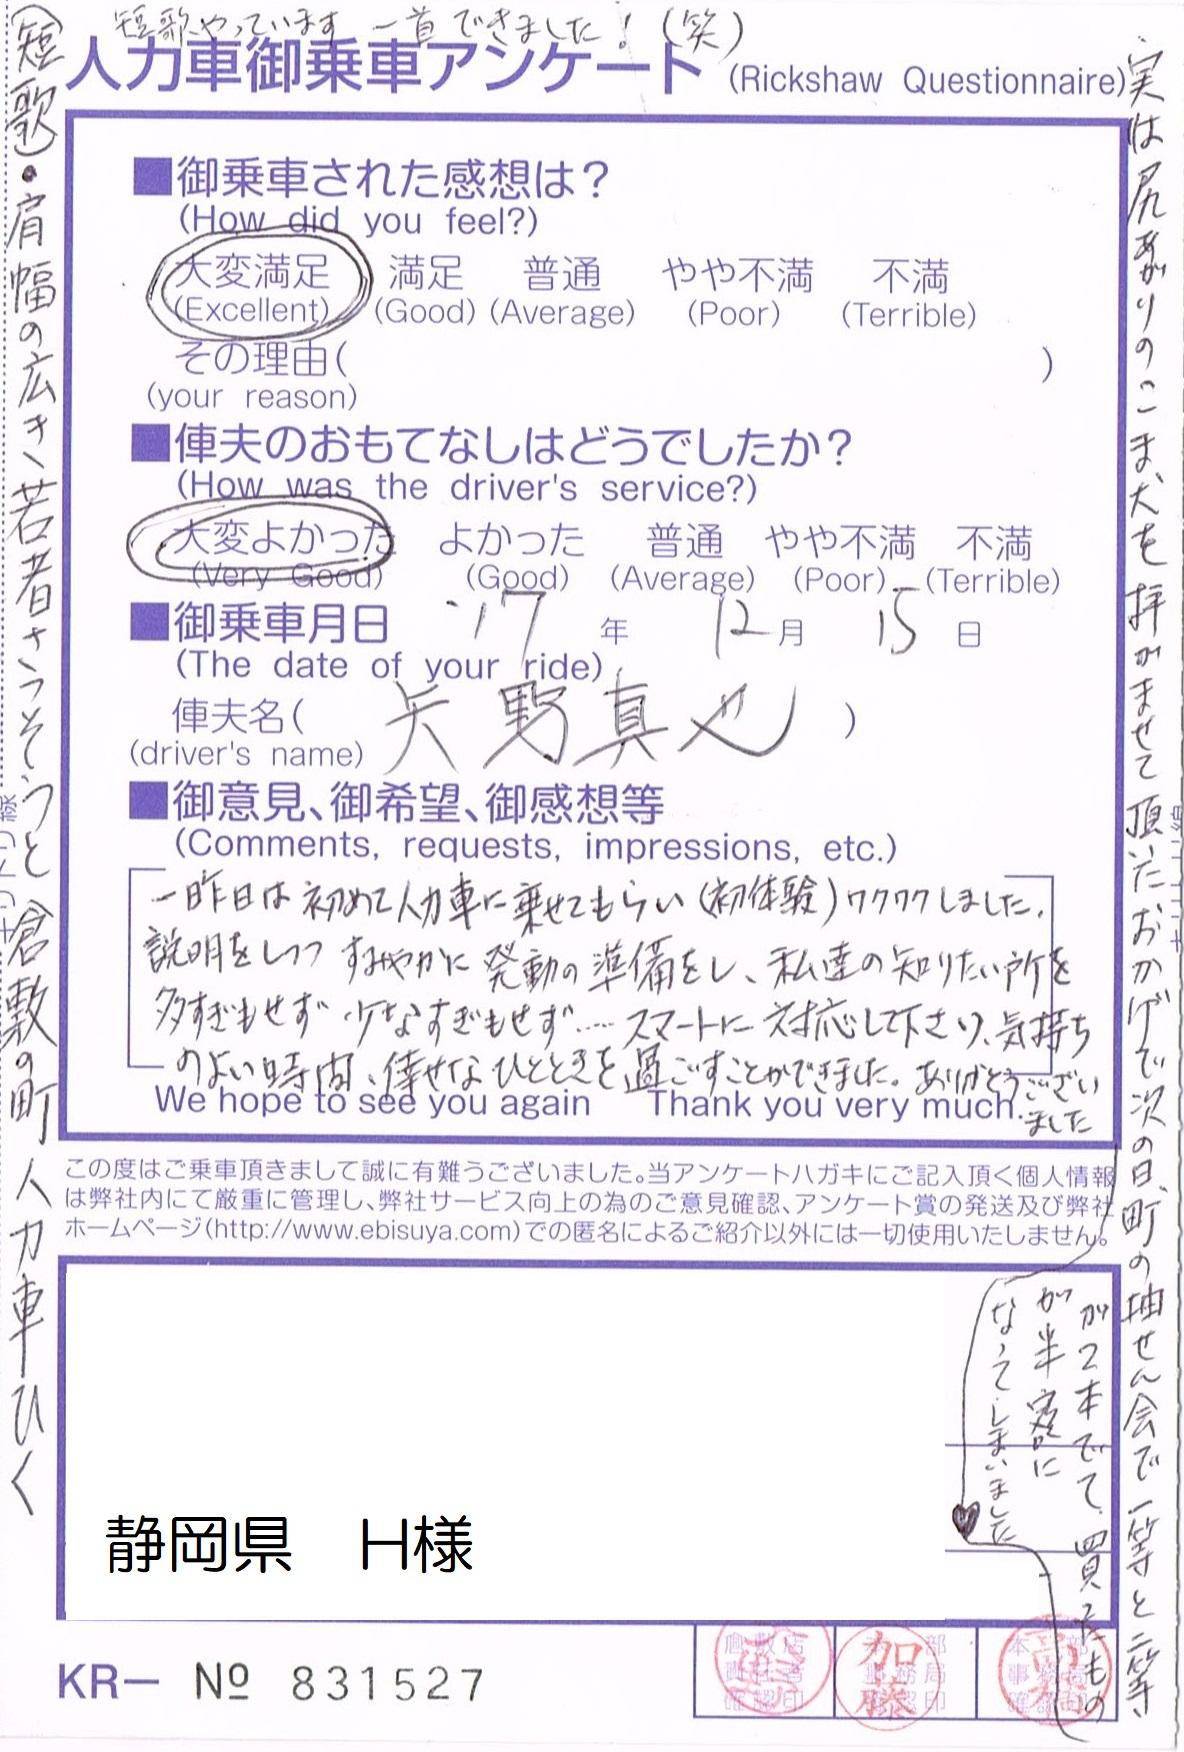 静岡県 H様